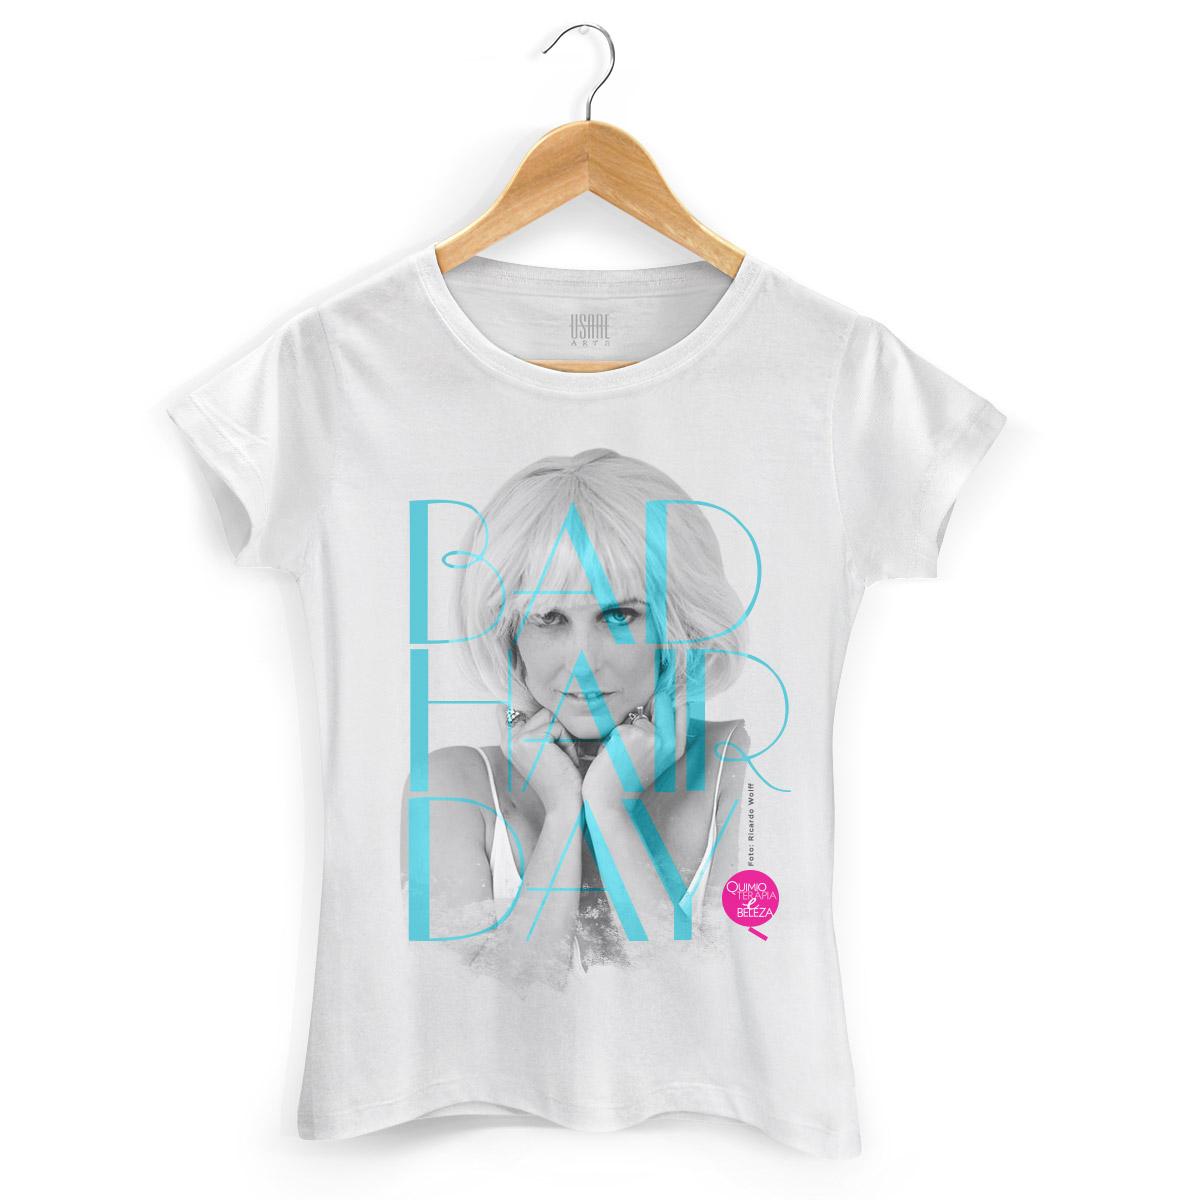 Camiseta Feminina QeB Bad Hair Day